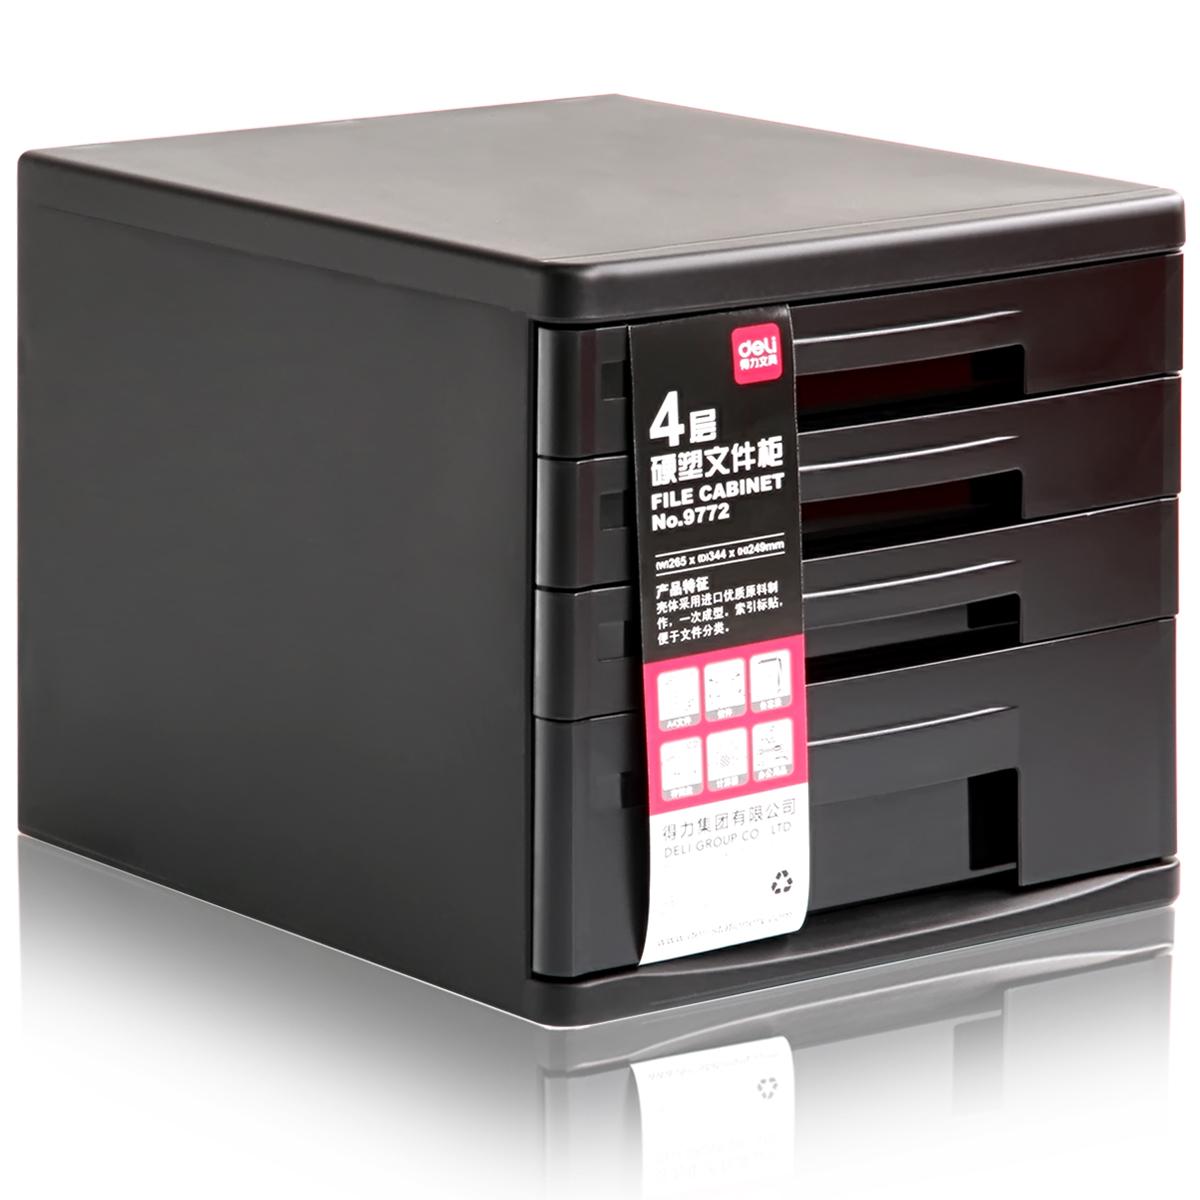 得力(deli) 9772 桌面文件柜/文件架/文件座 资料柜/收纳柜 黑色